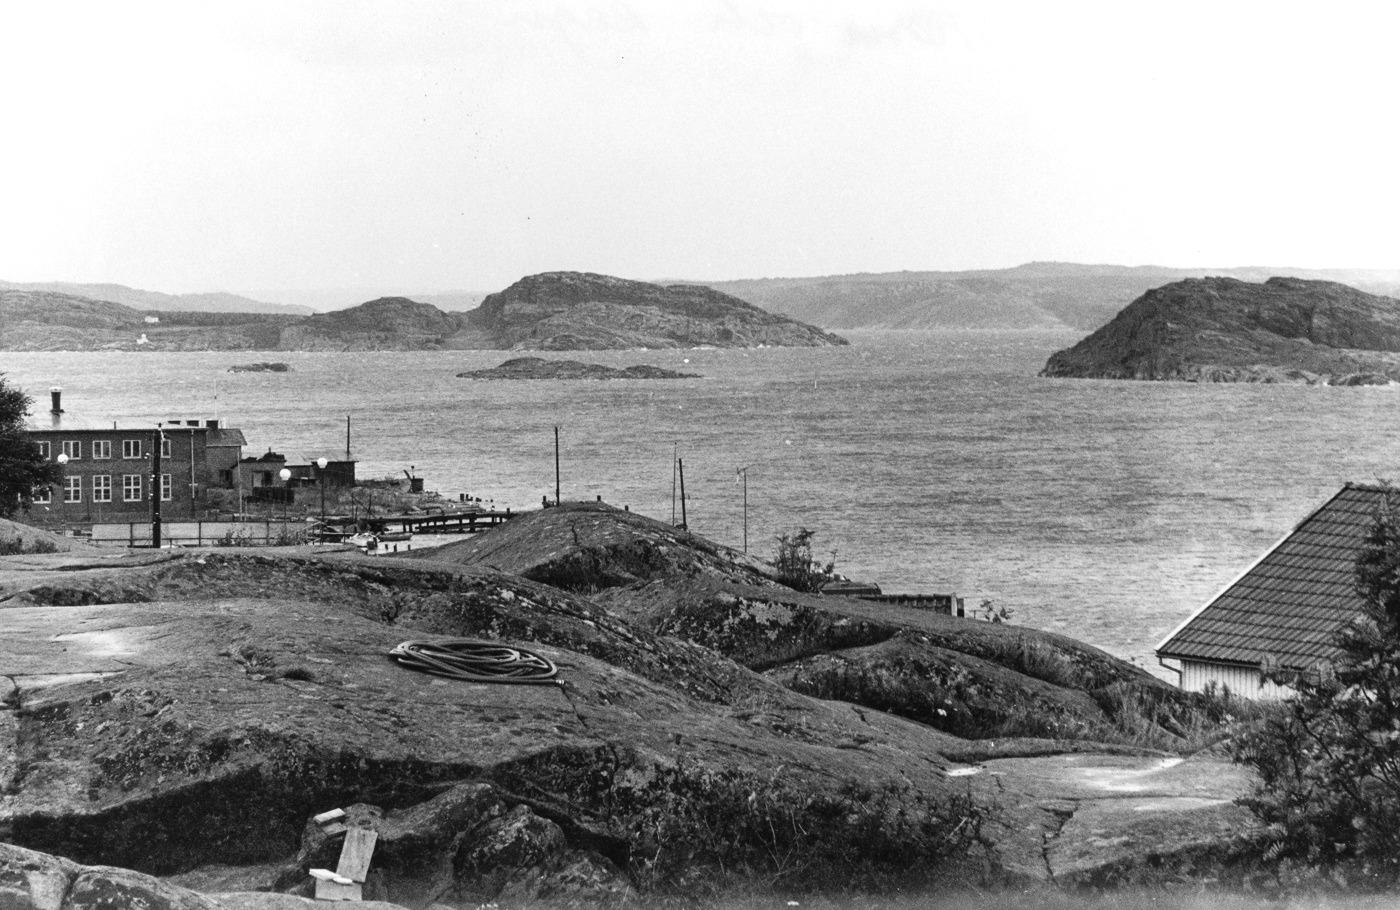 Foto Claea Funck 1968. Vy mot konservfabriken och Åbyfjordens mynning med berg nedanKanpes hus i förgrunden.